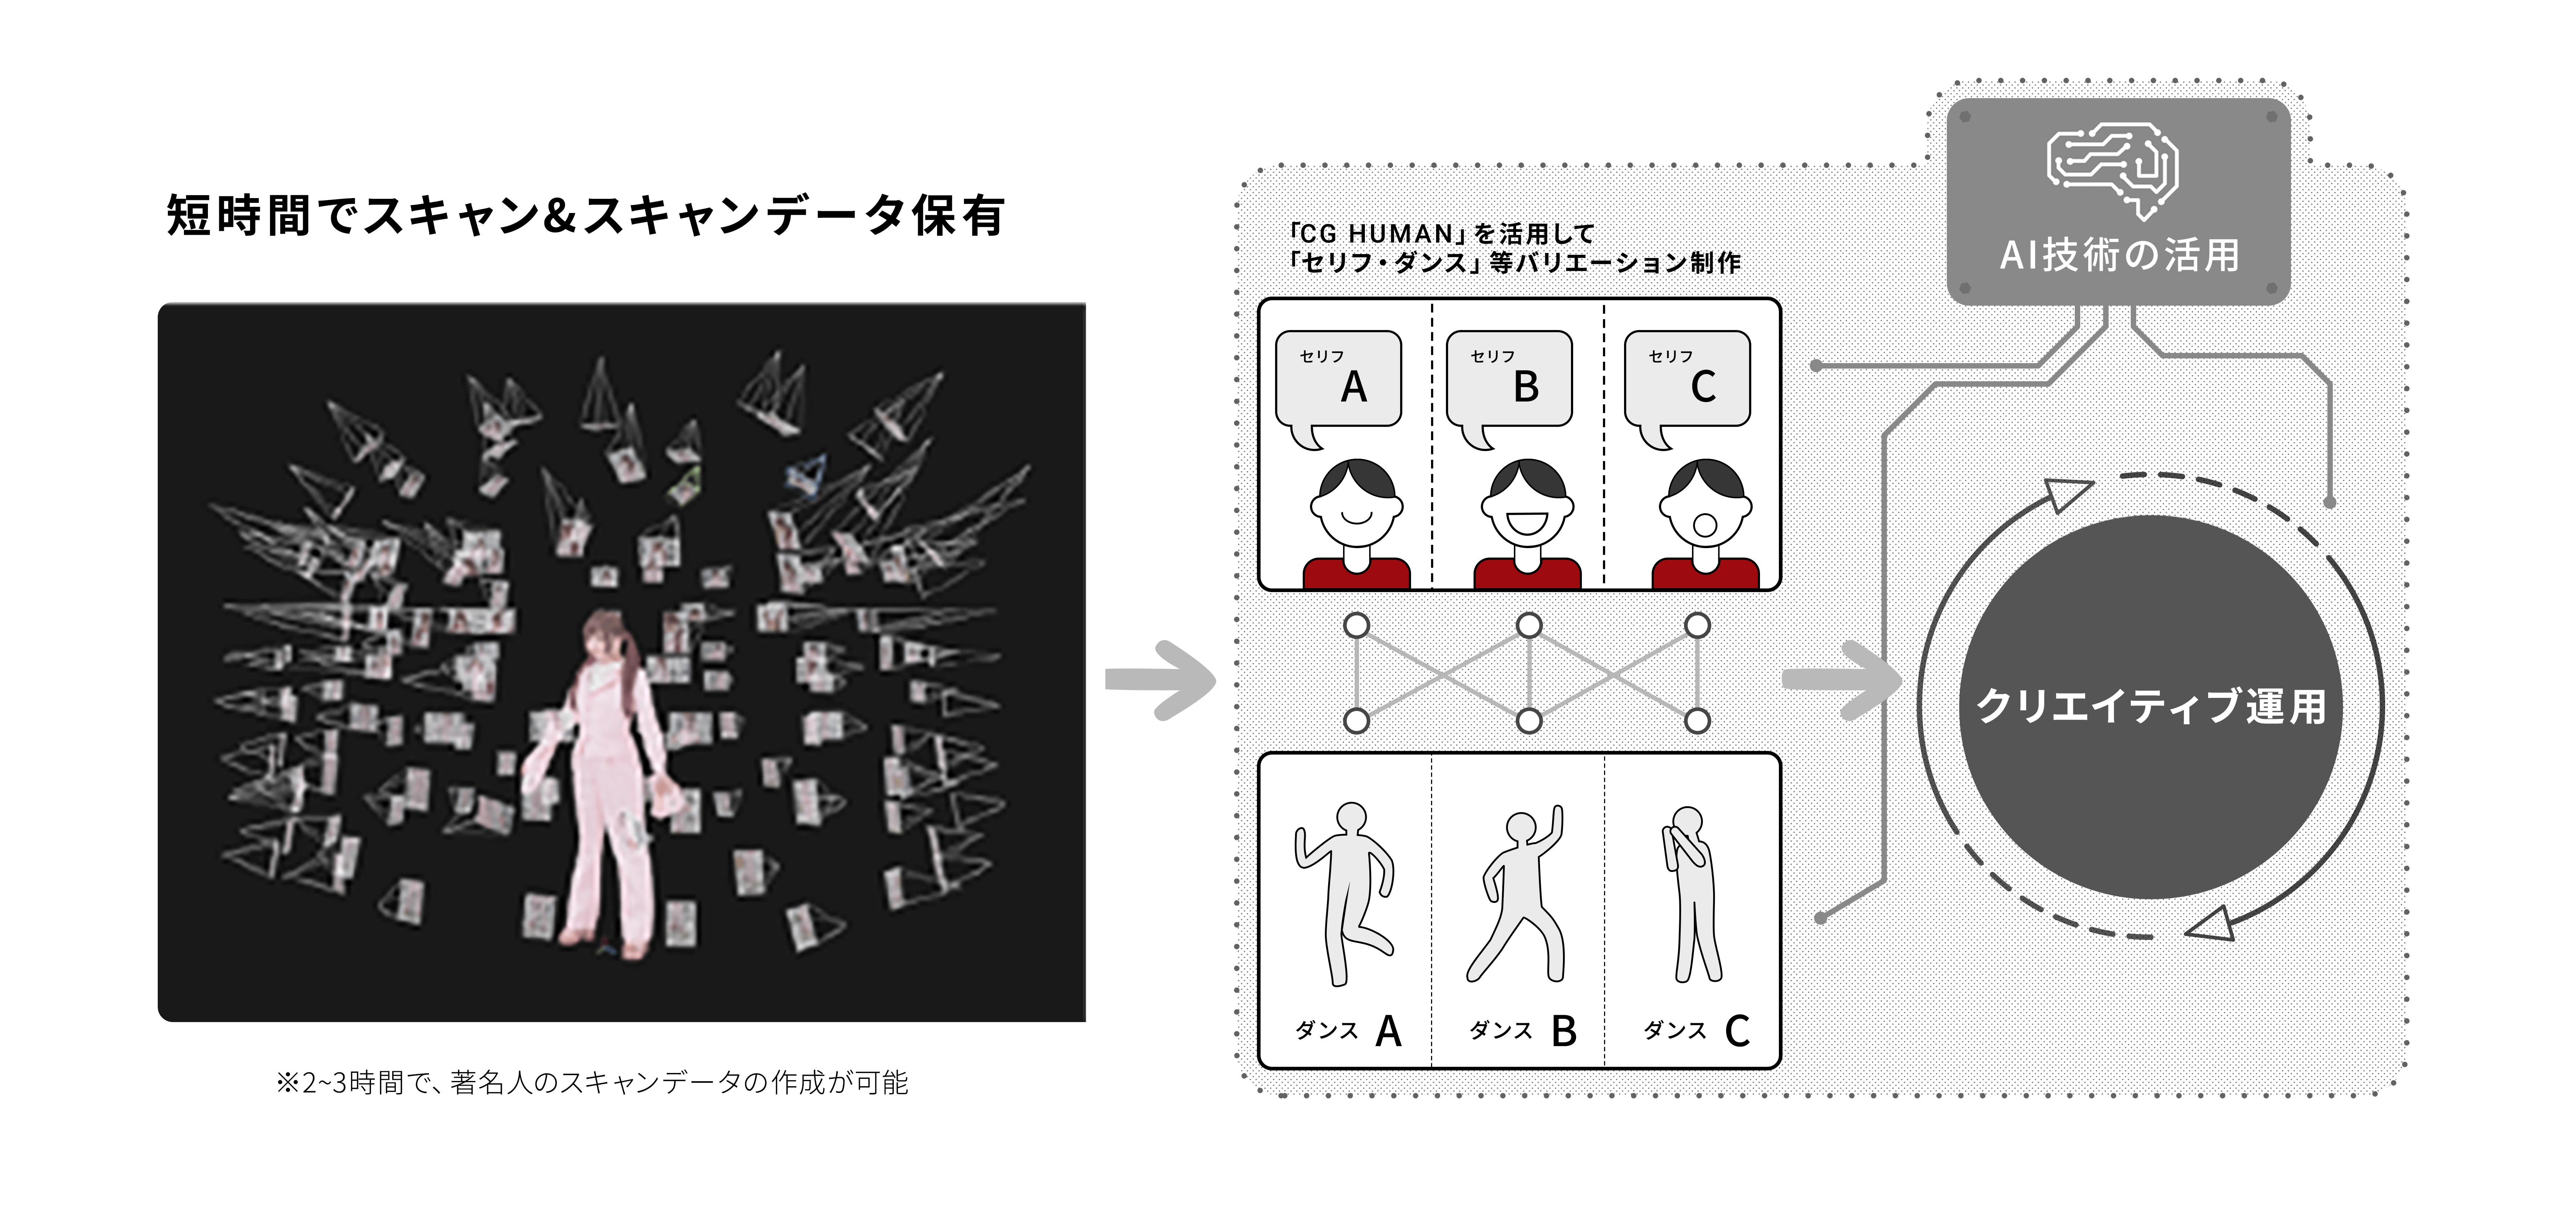 ■CG HUMANの制作~クリエイティブ運用